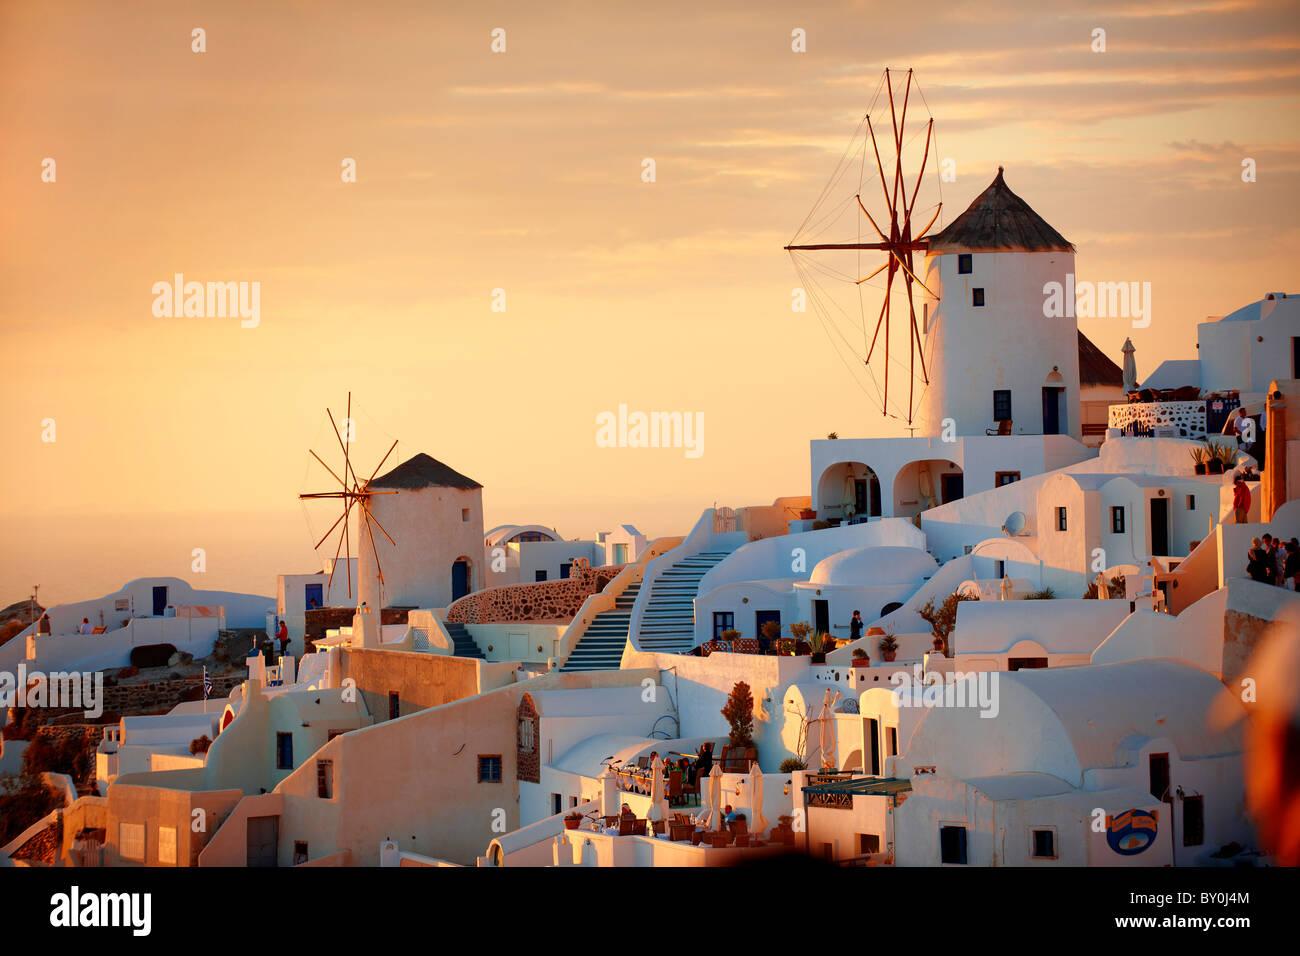 Oia (Ia) Santorini - Molinos de viento y la ciudad al atardecer, de las islas Cícladas griegas - fotos, dibujos Imagen De Stock